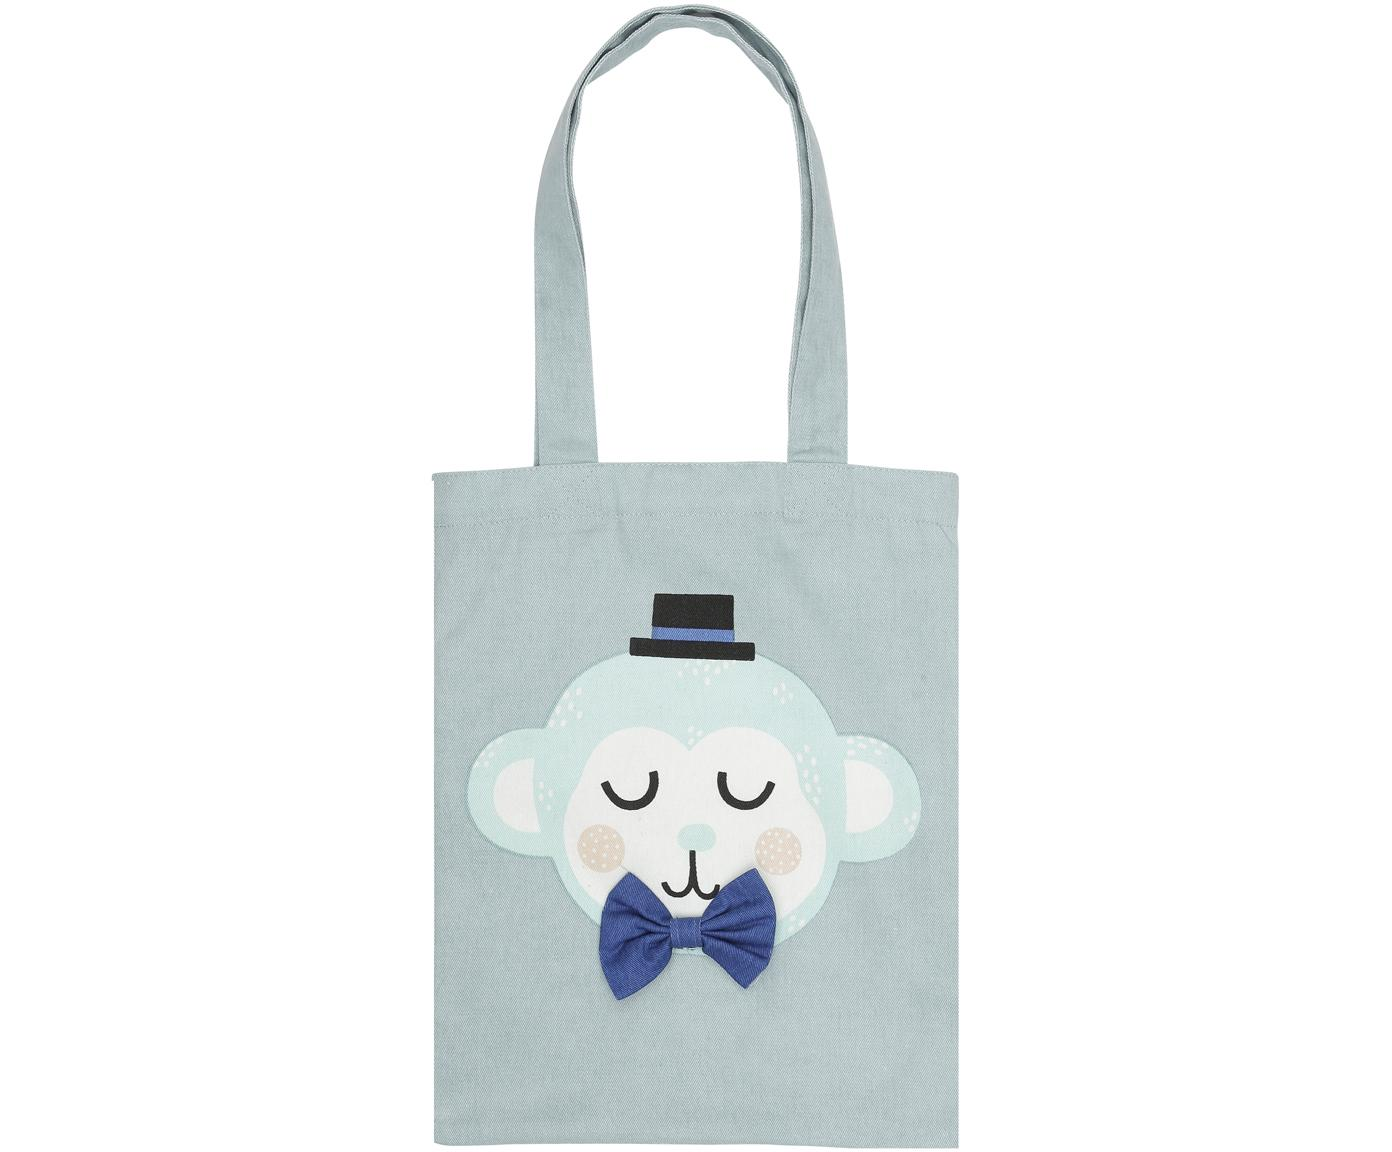 Tragetasche Monkey Monty aus Bio-Baumwolle, Bio-Baumwolle, Blau, Weiß, Rosa, Schwarz, 25 x 32 cm